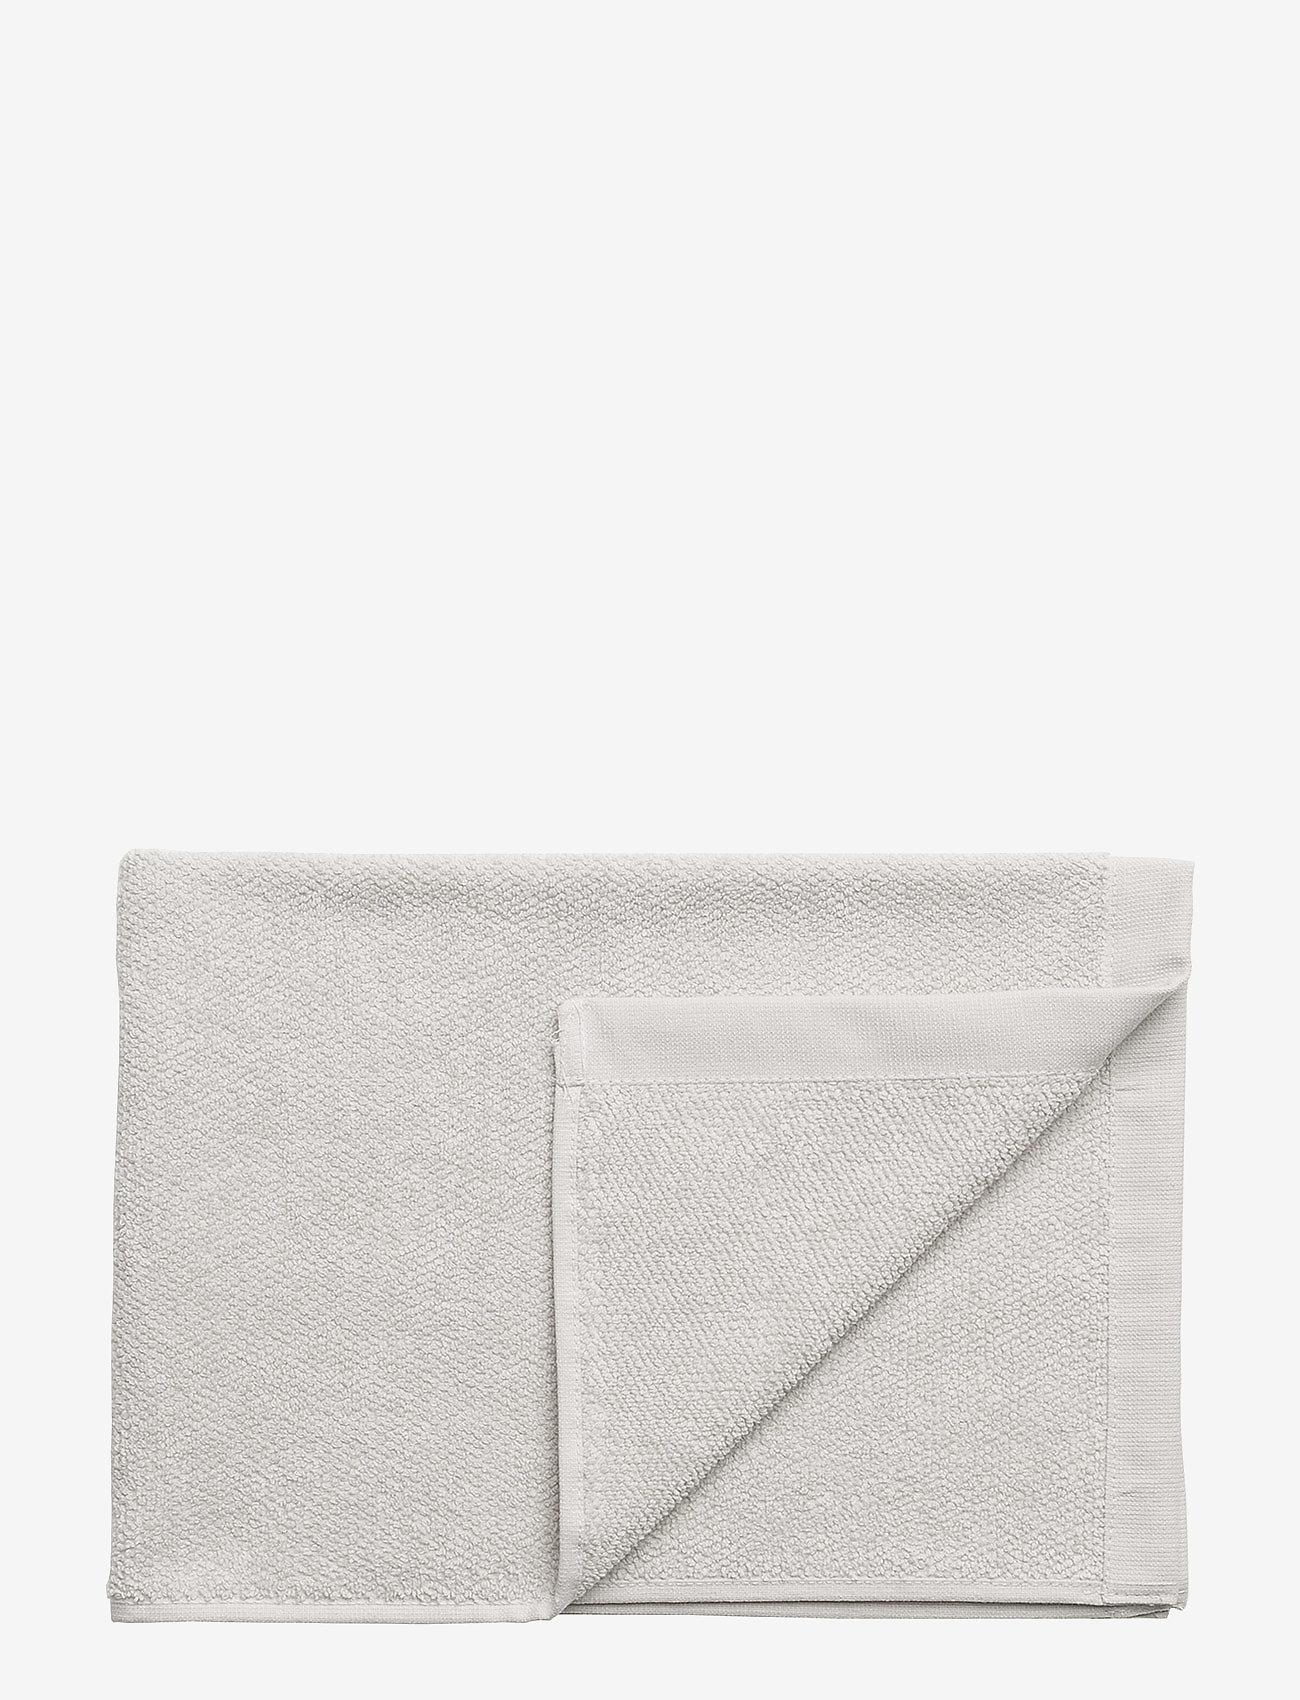 Gripsholm - TOWEL COTTON LINEN - towels - lunar rock - 0